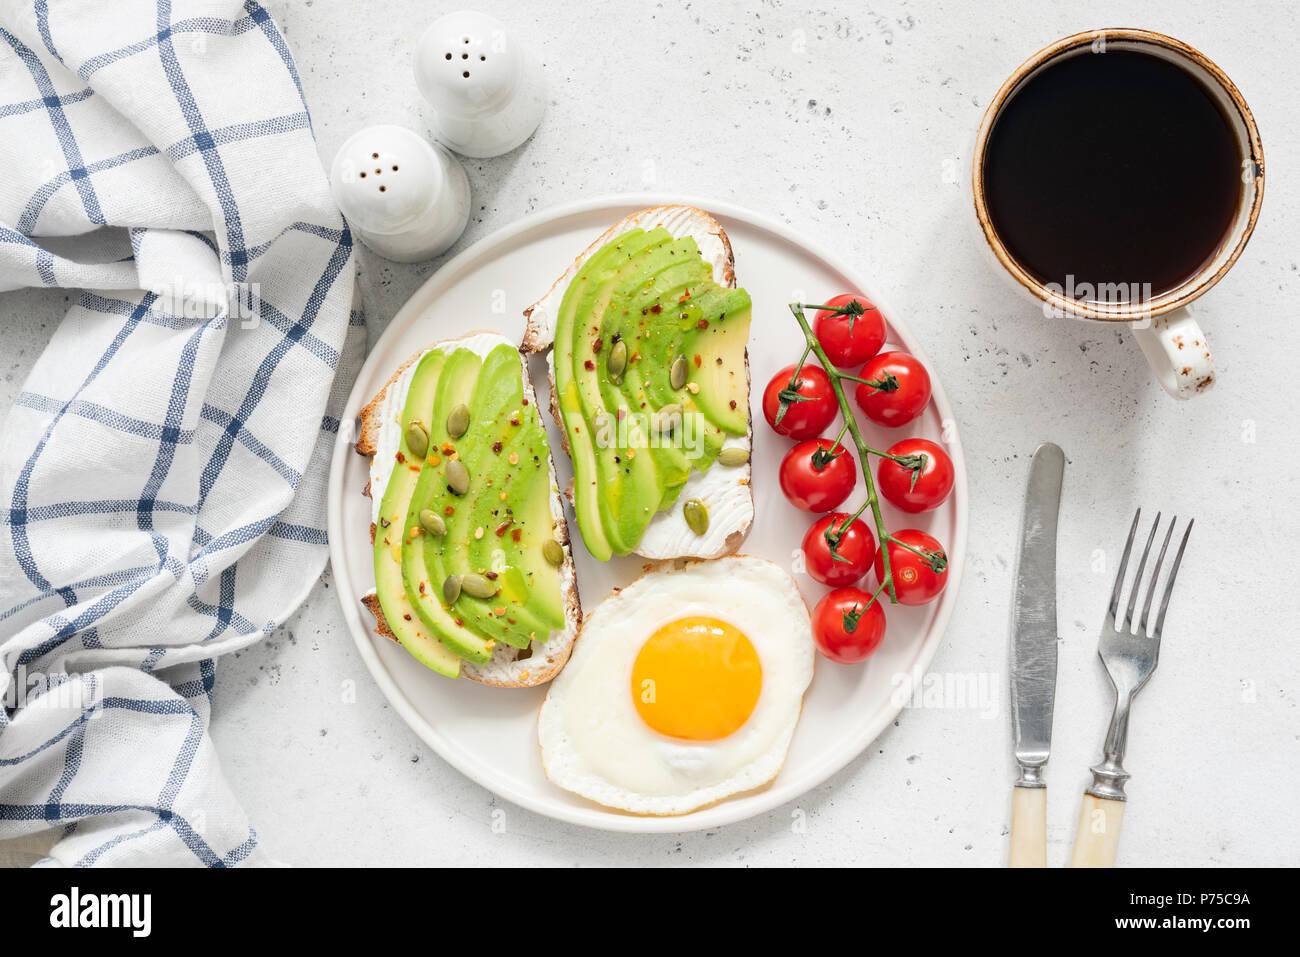 Avocado toast, uova e caffè per colazione. Vista dall'alto di una sana prima colazione. Due toast con avocado e crema di formaggio, soleggiato lato fino all'uovo, pomodoro ciliegino Immagini Stock